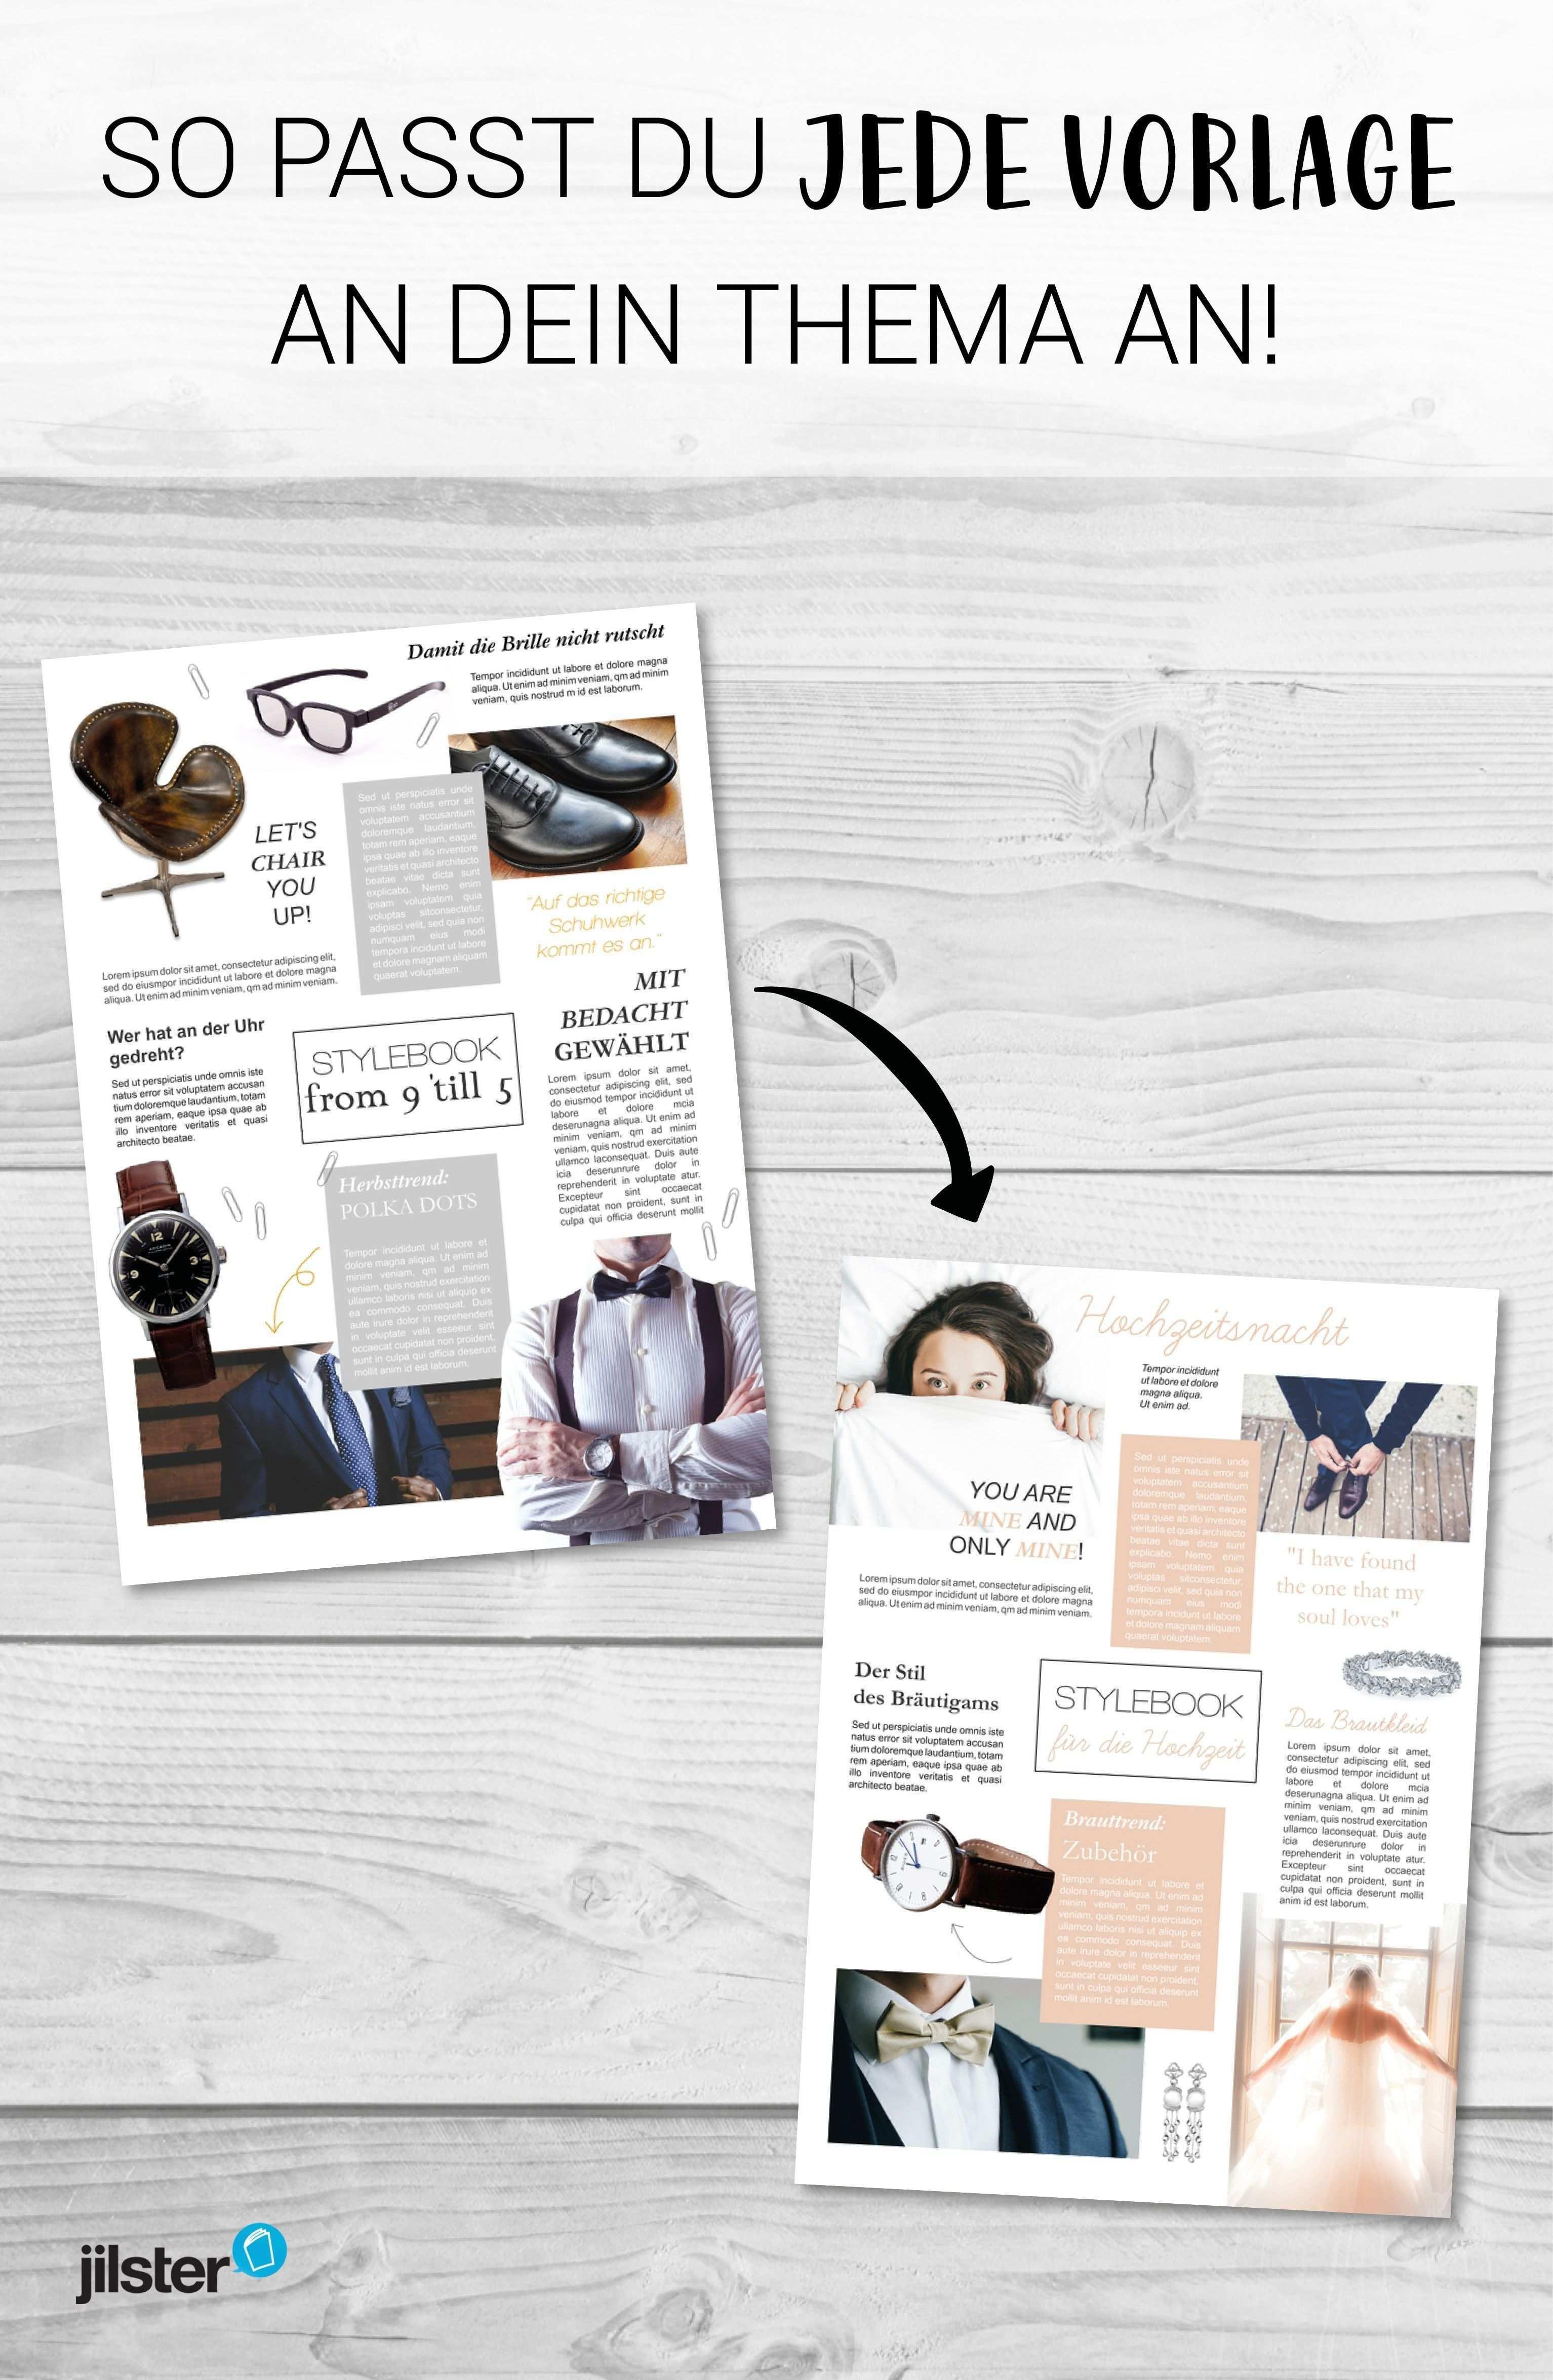 Zeitschriftenvorlage Individuell Deinem Thema Anpassen Jilster Blog Hochzeitszeitung Gestalten Vorlagen Hochzeitszeitung